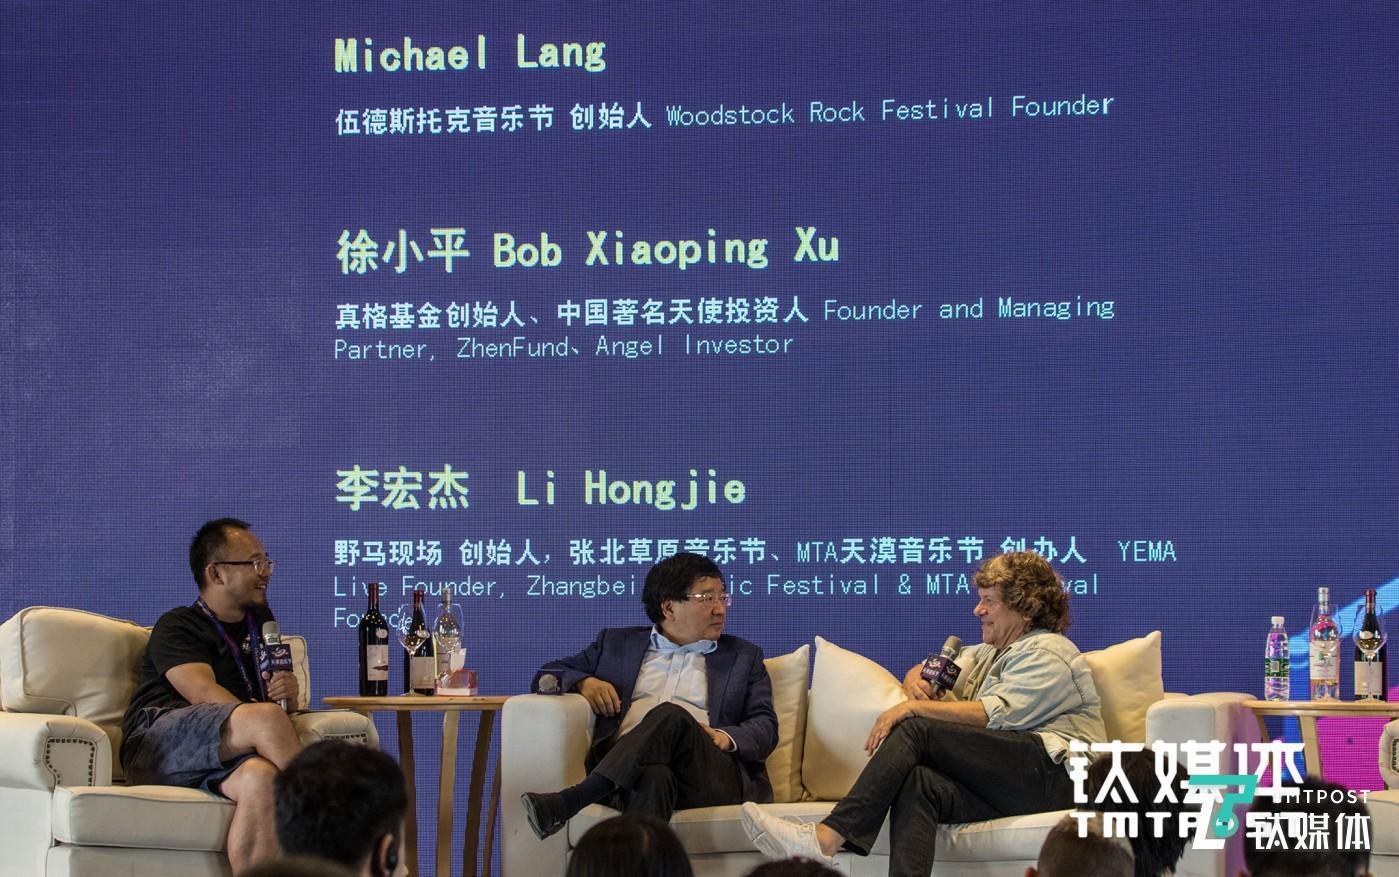 Li Hongjie, Bob Xiaoping Xu and Michael Lang